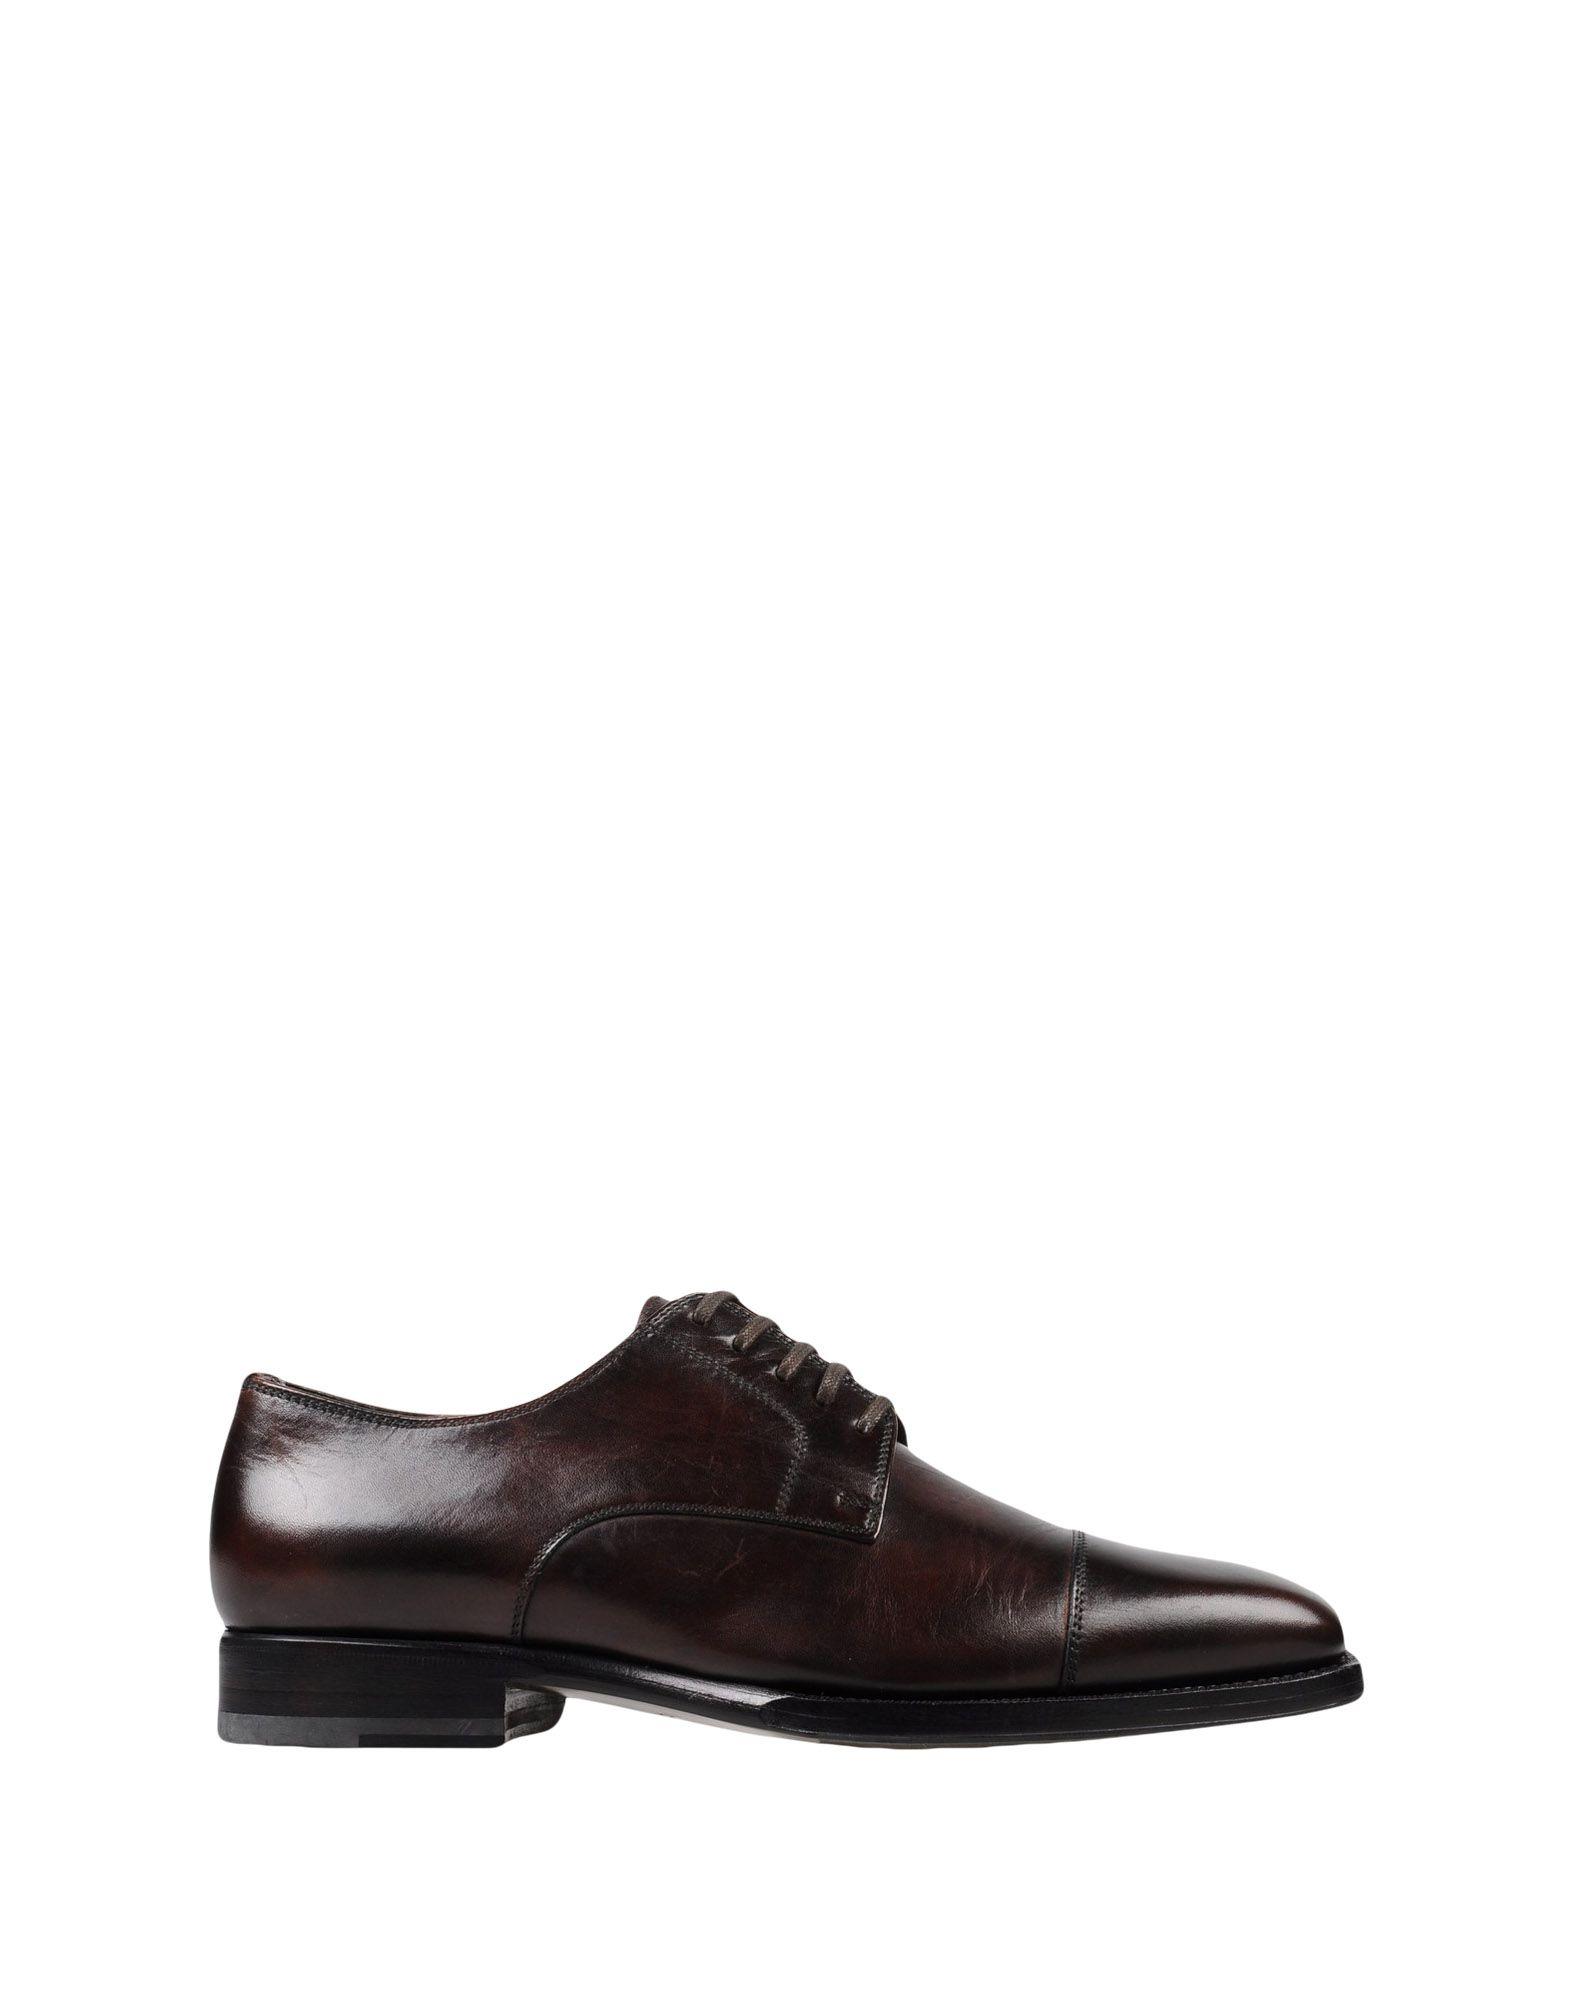 Tom Ford Schnürschuhe Herren  11381581EN Gute Qualität beliebte Schuhe